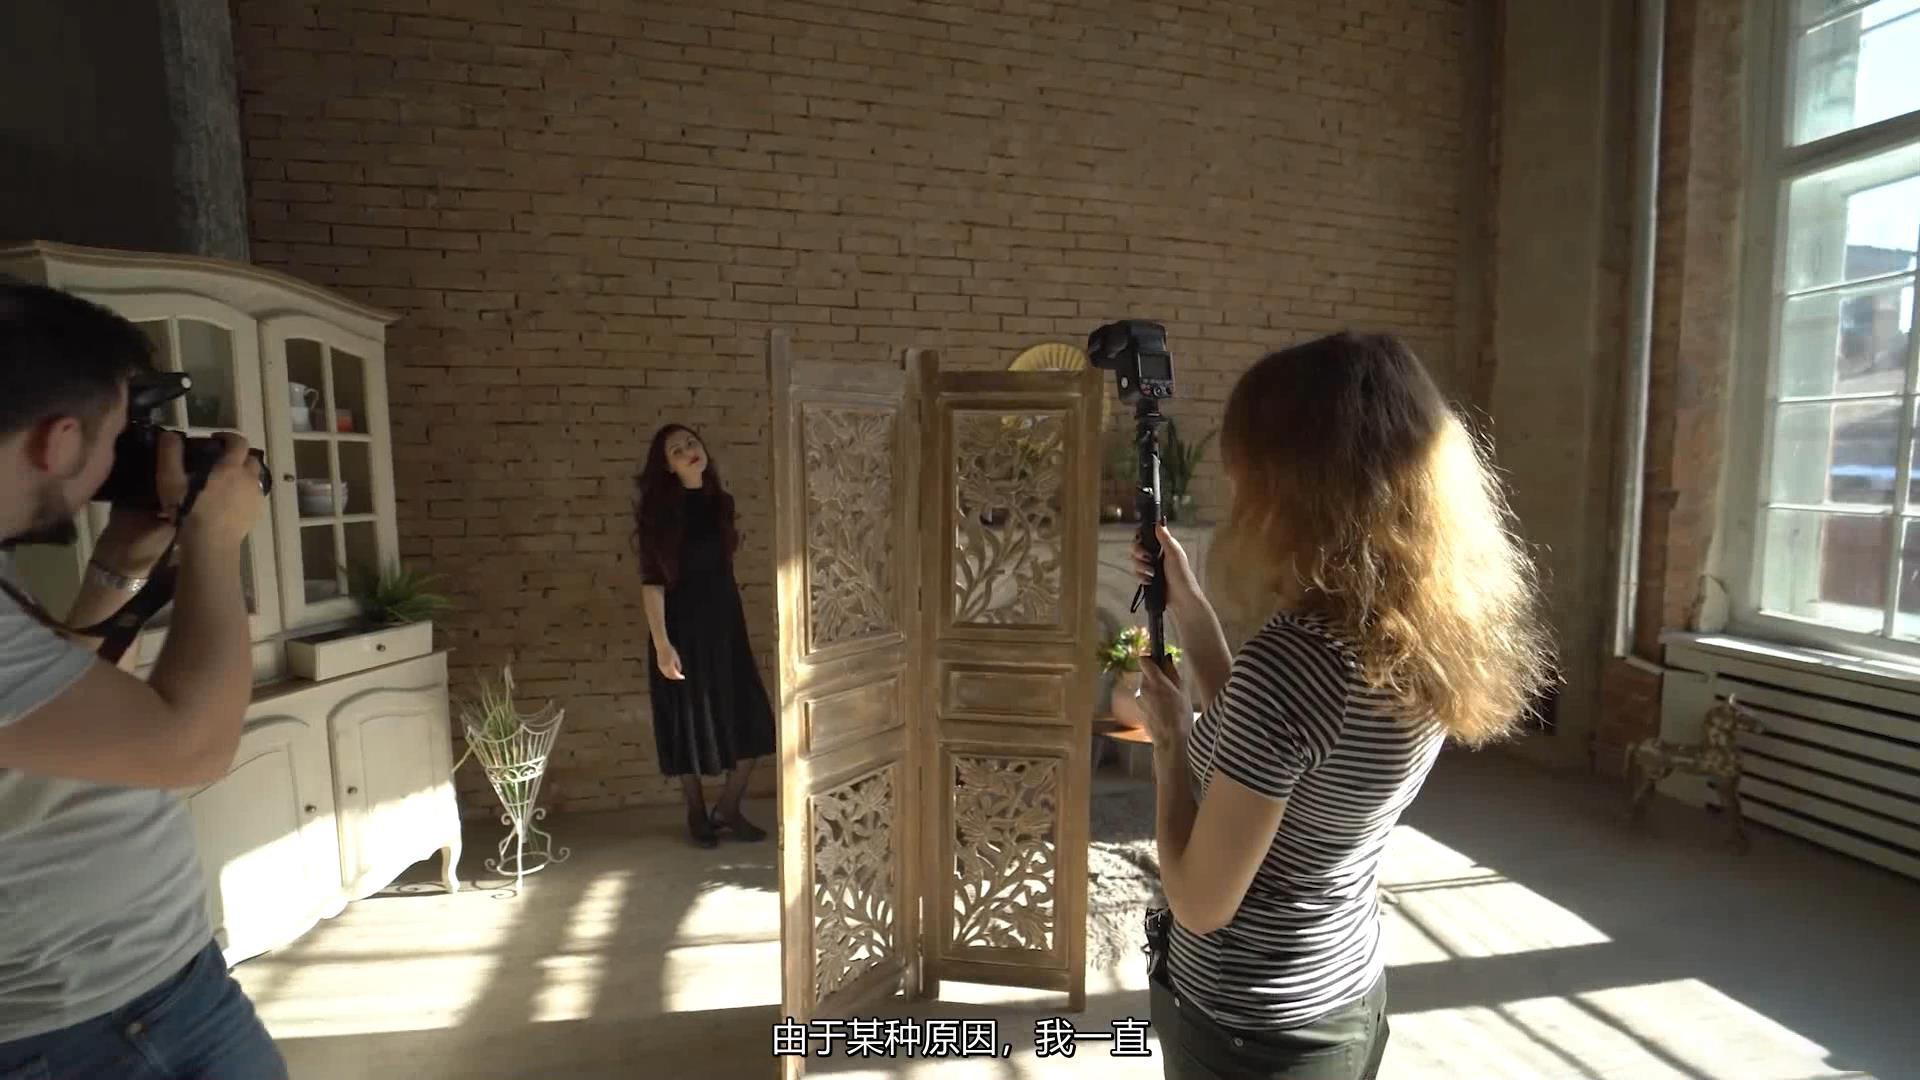 摄影教程_Alexey Gaidin实践30多种人造光闪光灯摄影布光教程-中文字幕 摄影教程 _预览图6